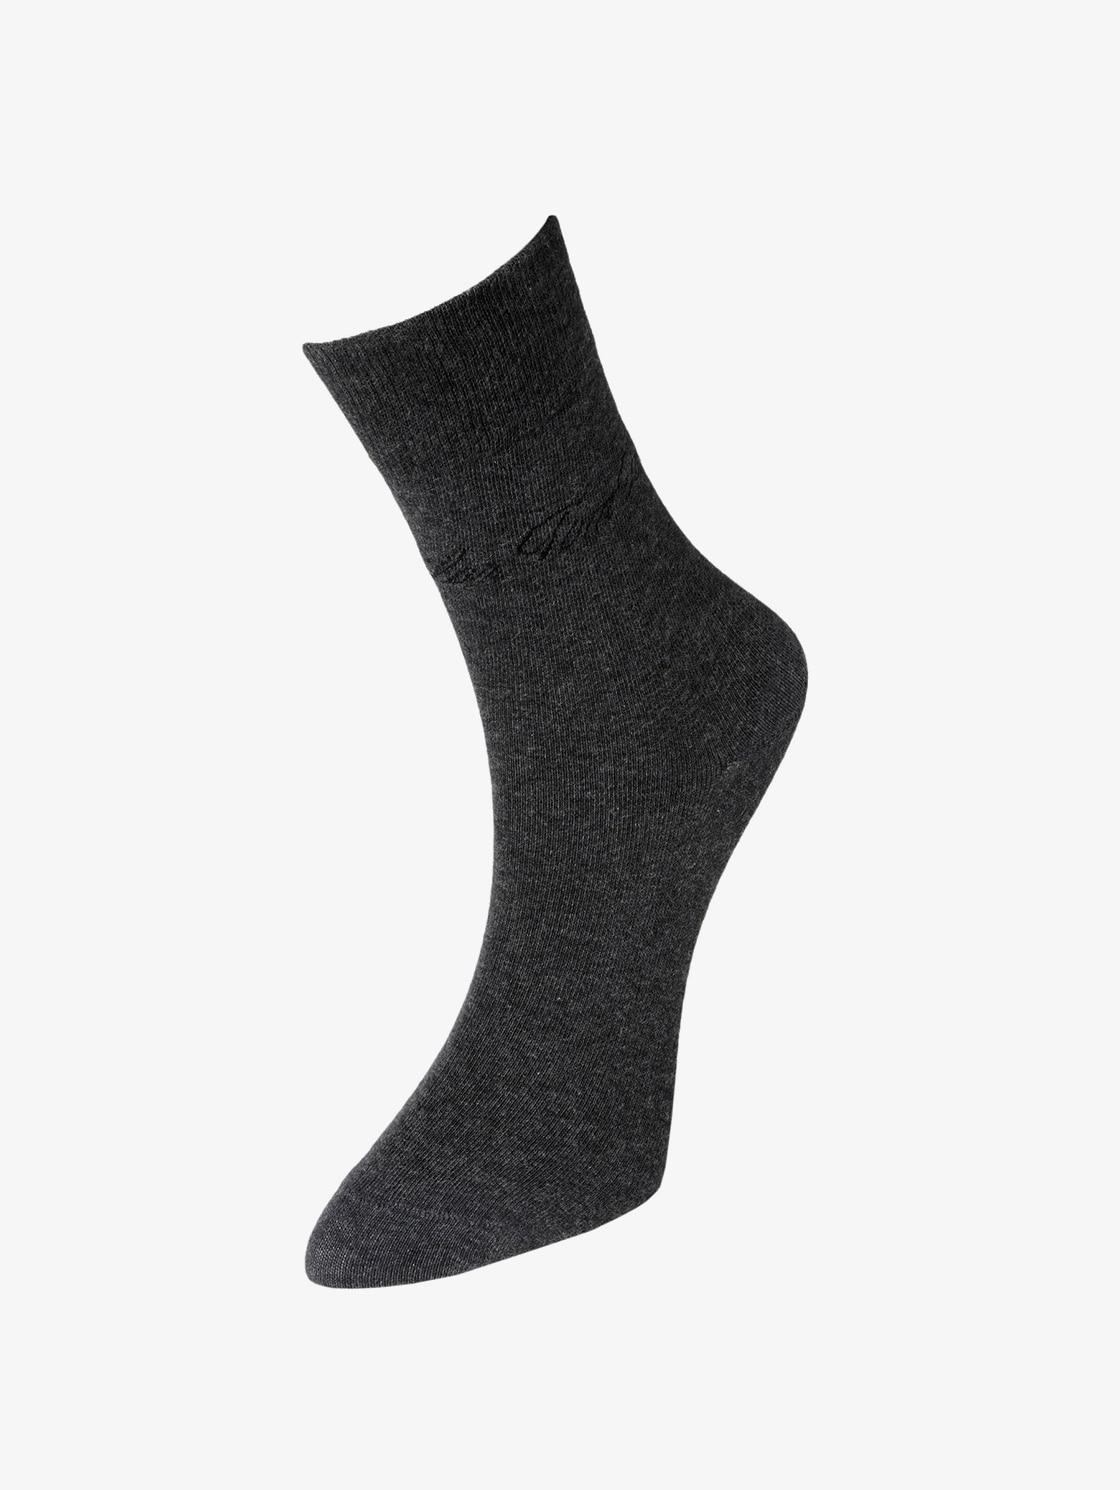 Tom Tailor Casual Socken im Doppelpack, Damen, anthracite melange, Größe: 35 38